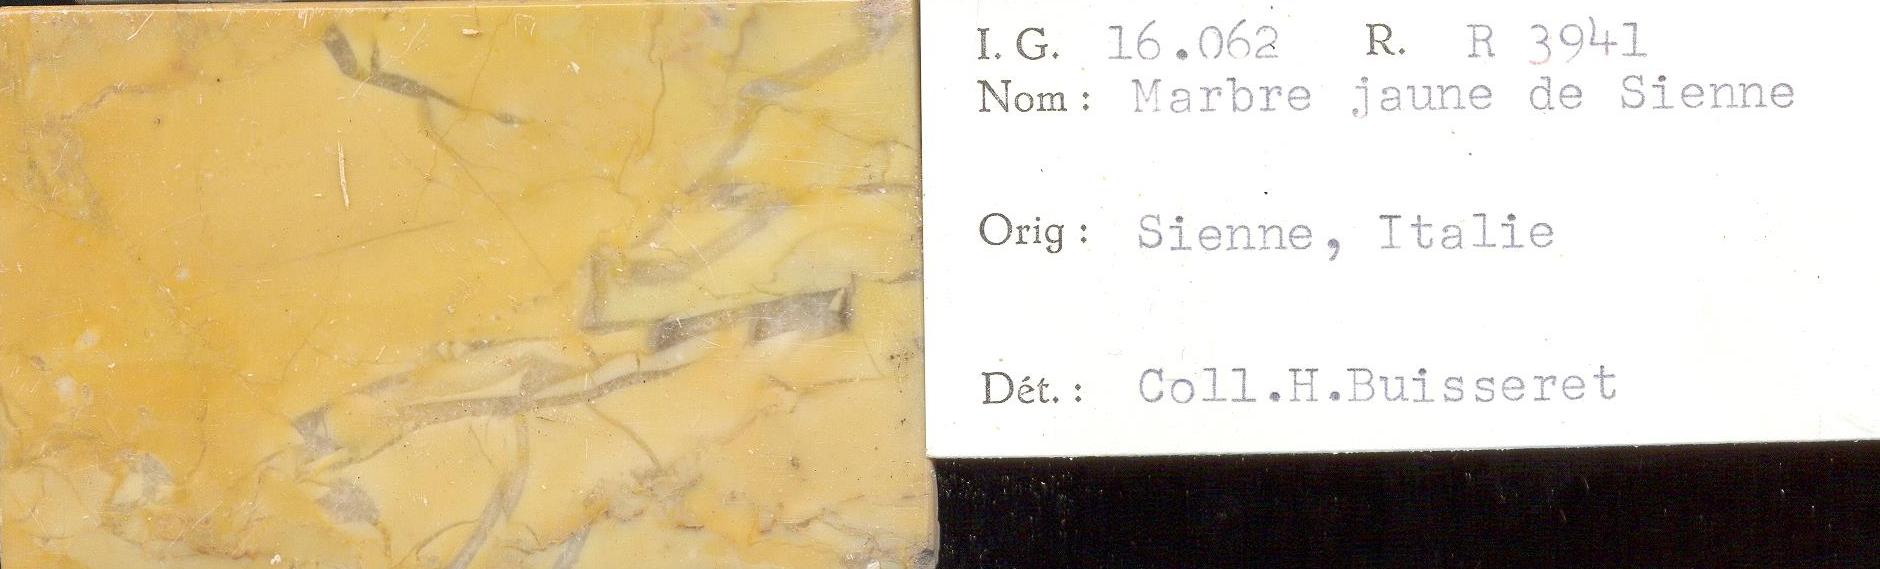 Jaune de Sienne RR3941